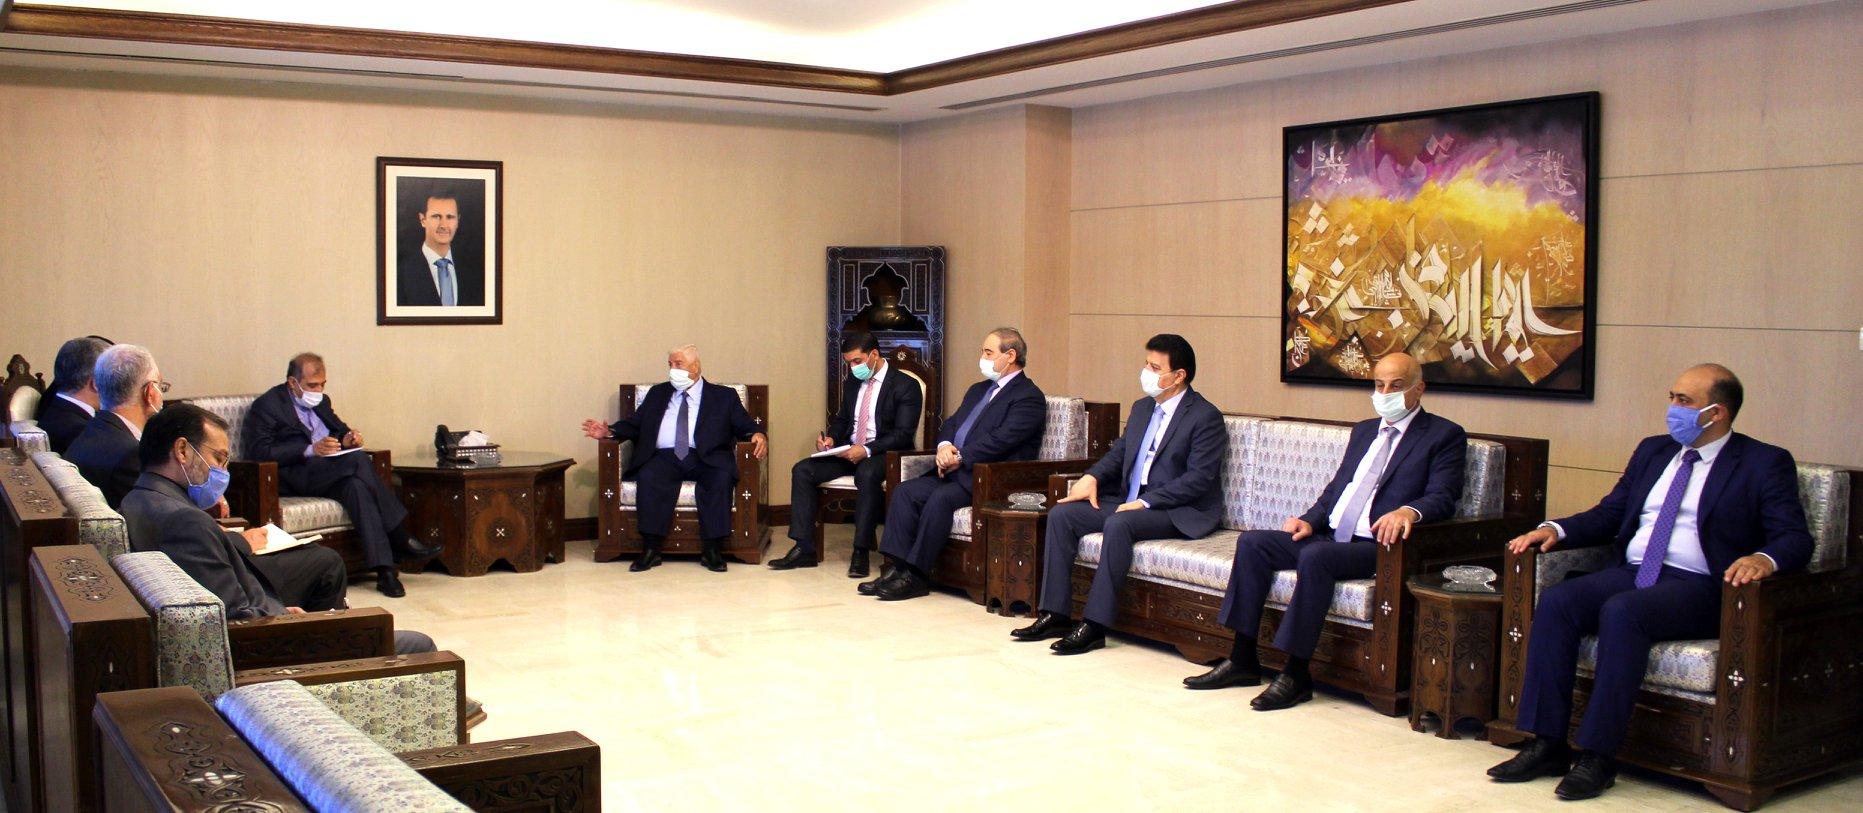 مسؤول إيراني يلتقي بشار الأسد والمعلم في دمشق.. وإدلب واللجنة الدستورية على طاولة المباحثات